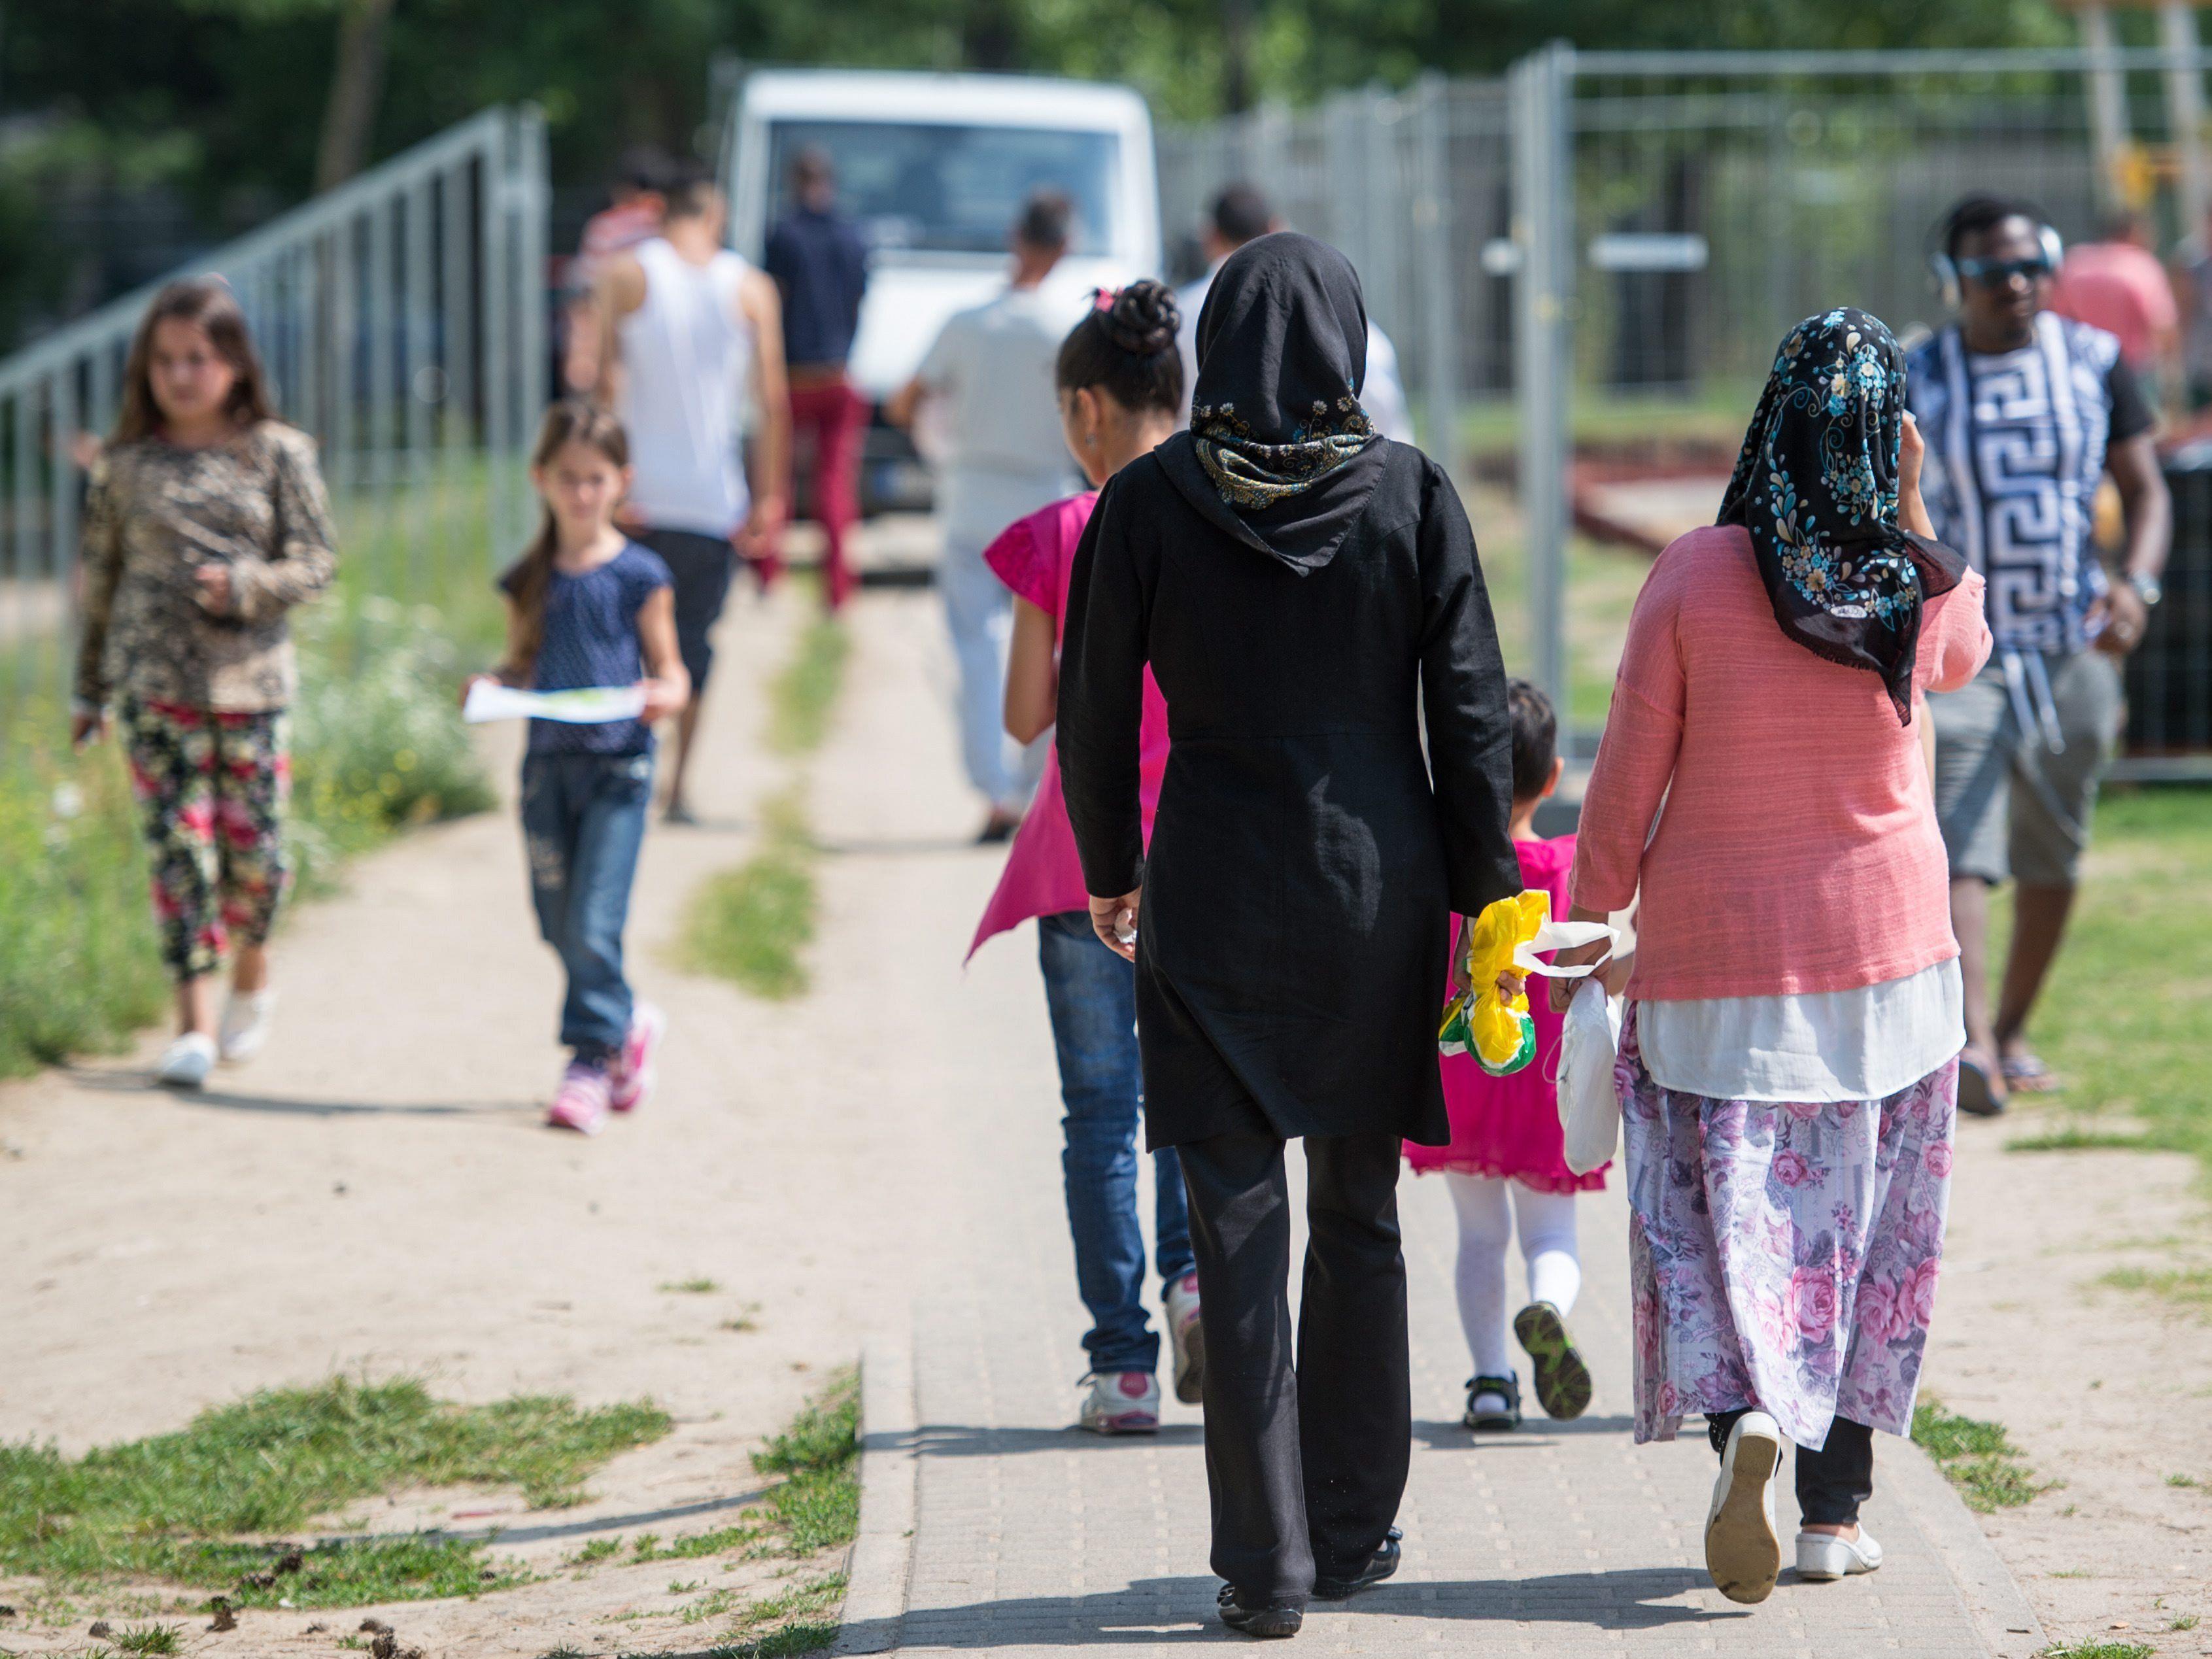 Für Asylwerber aus sicheren Herkunftsländern will Union deutliche Verringerung - SPD dagegen.